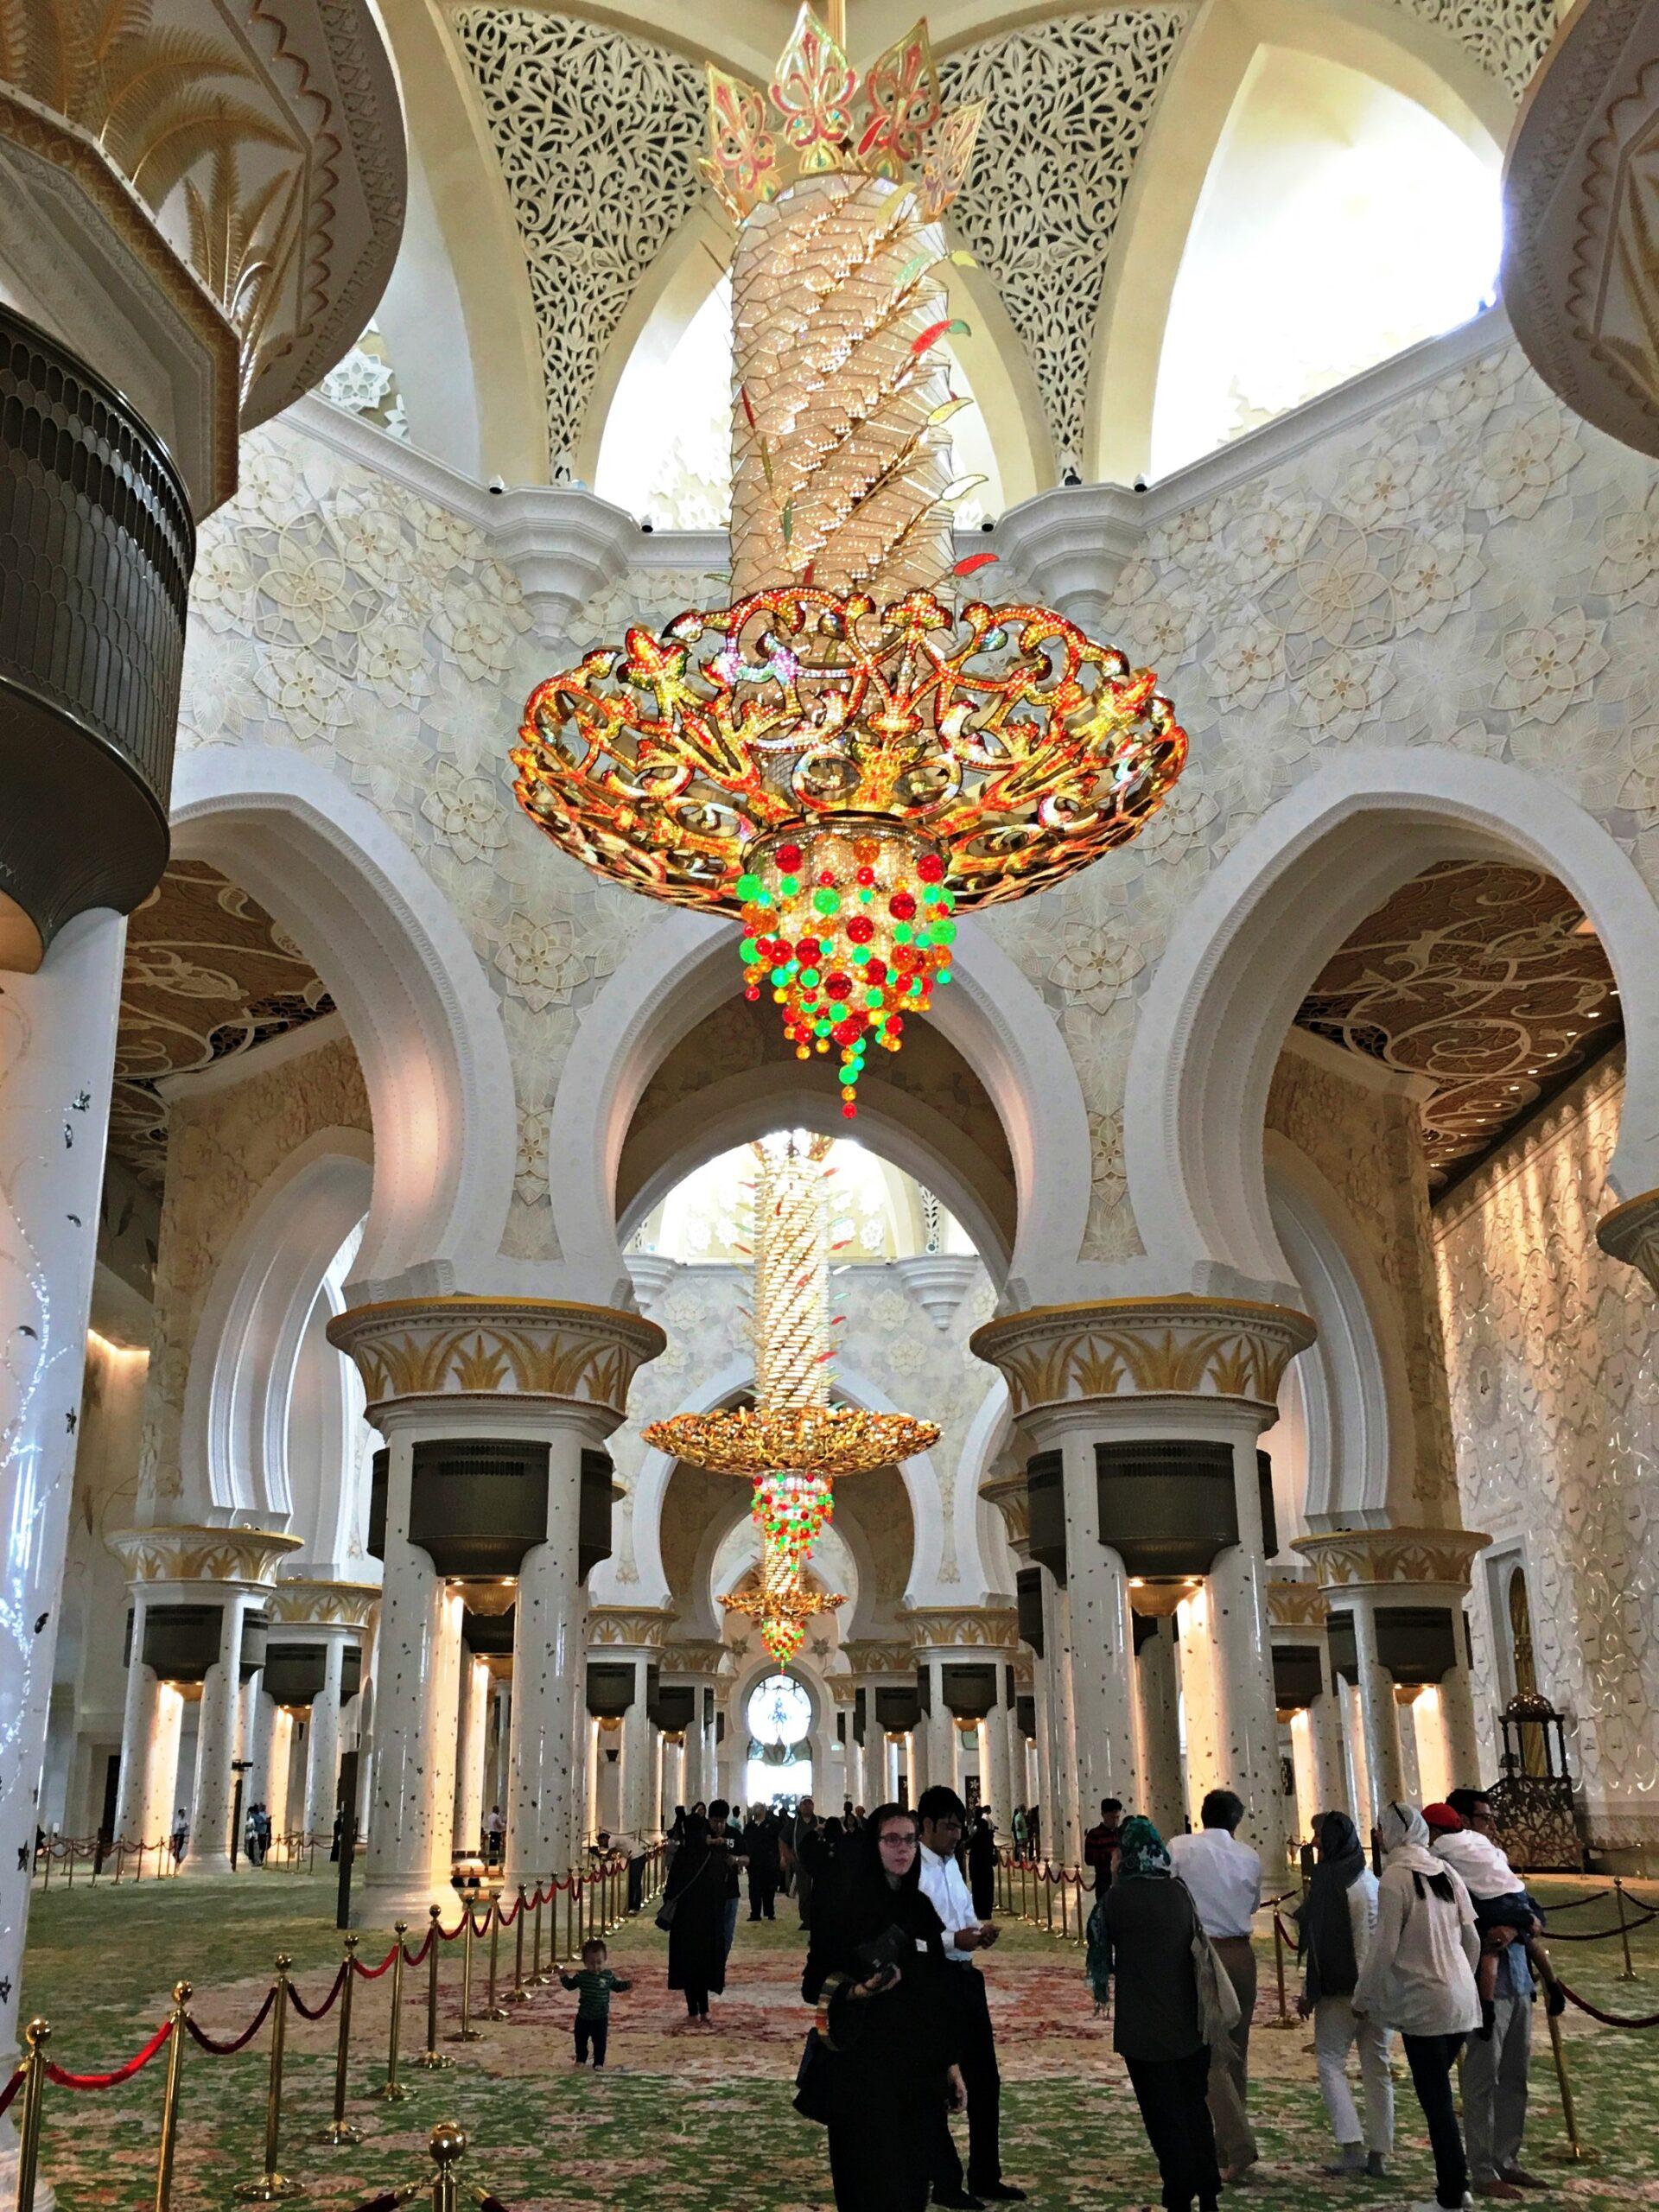 05.grand mosque interior 2